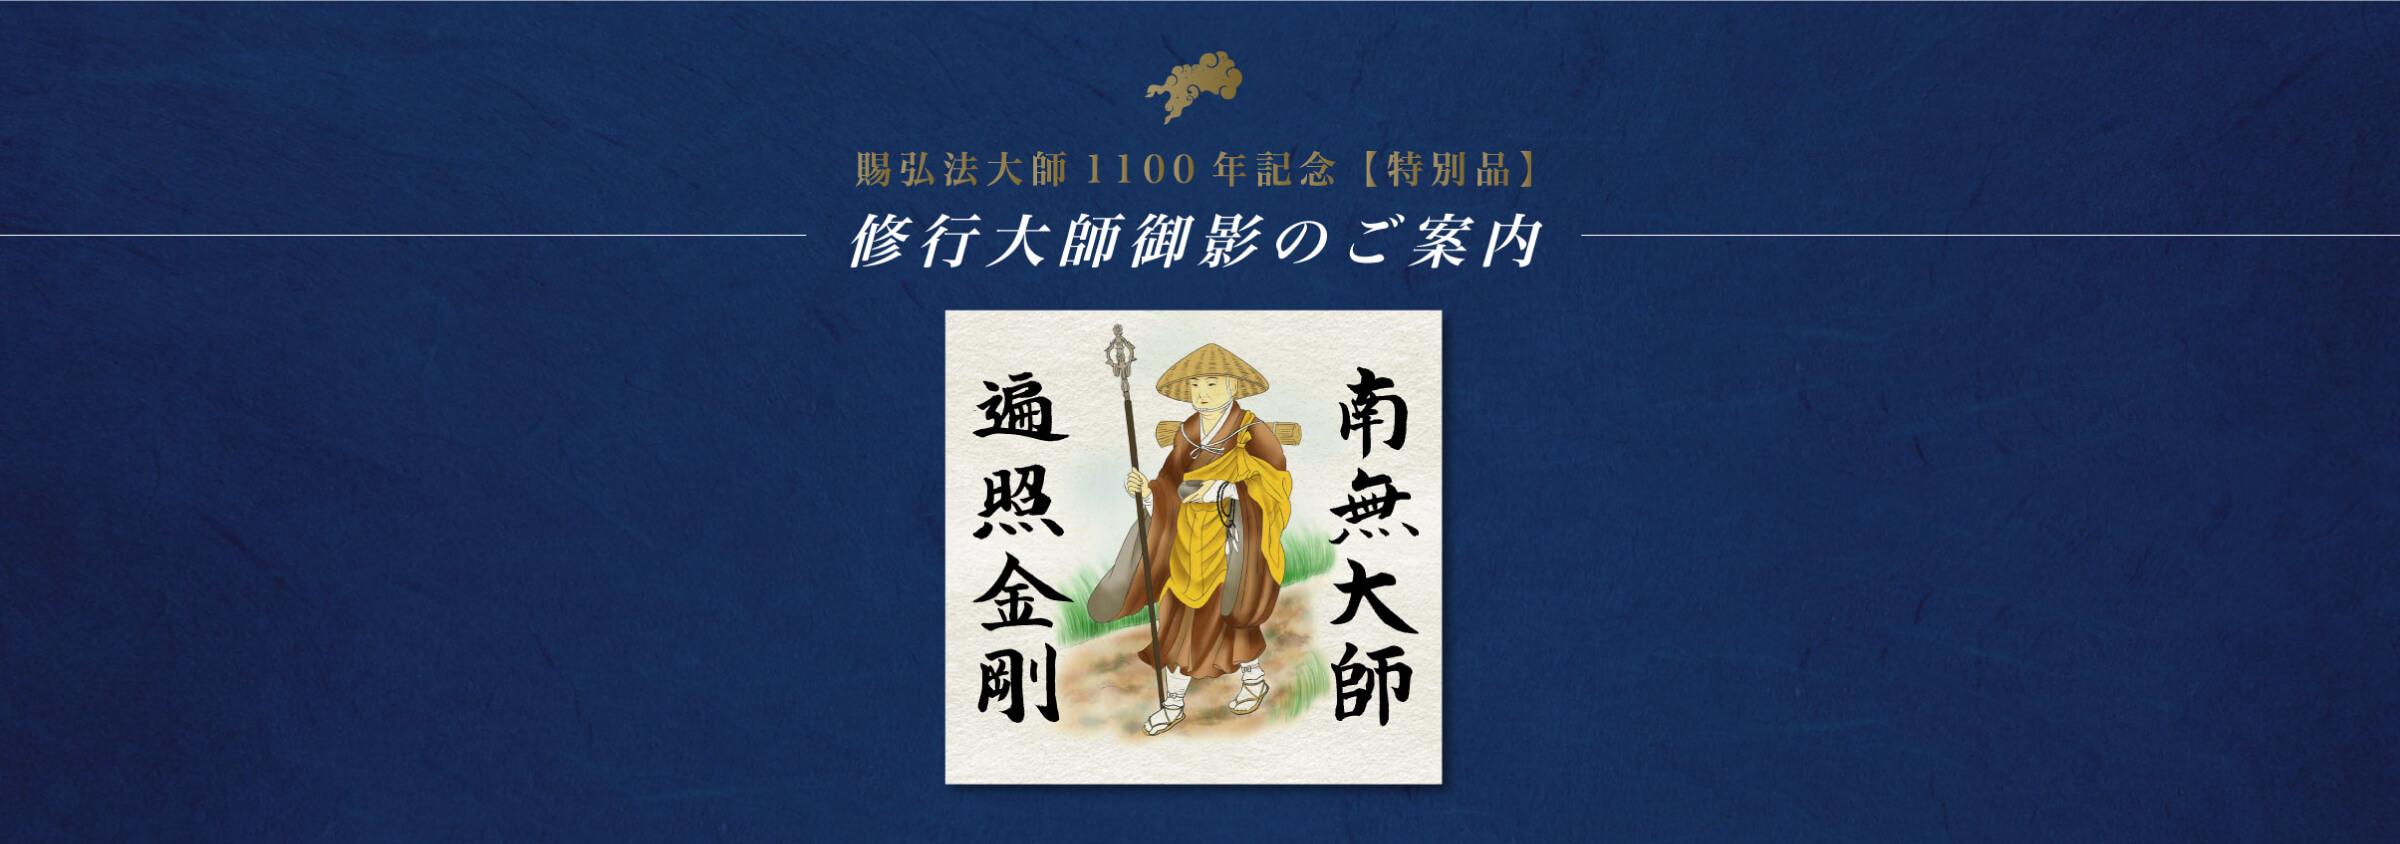 賜弘法大師1100年記念【特別品】修行大師御影のご案内